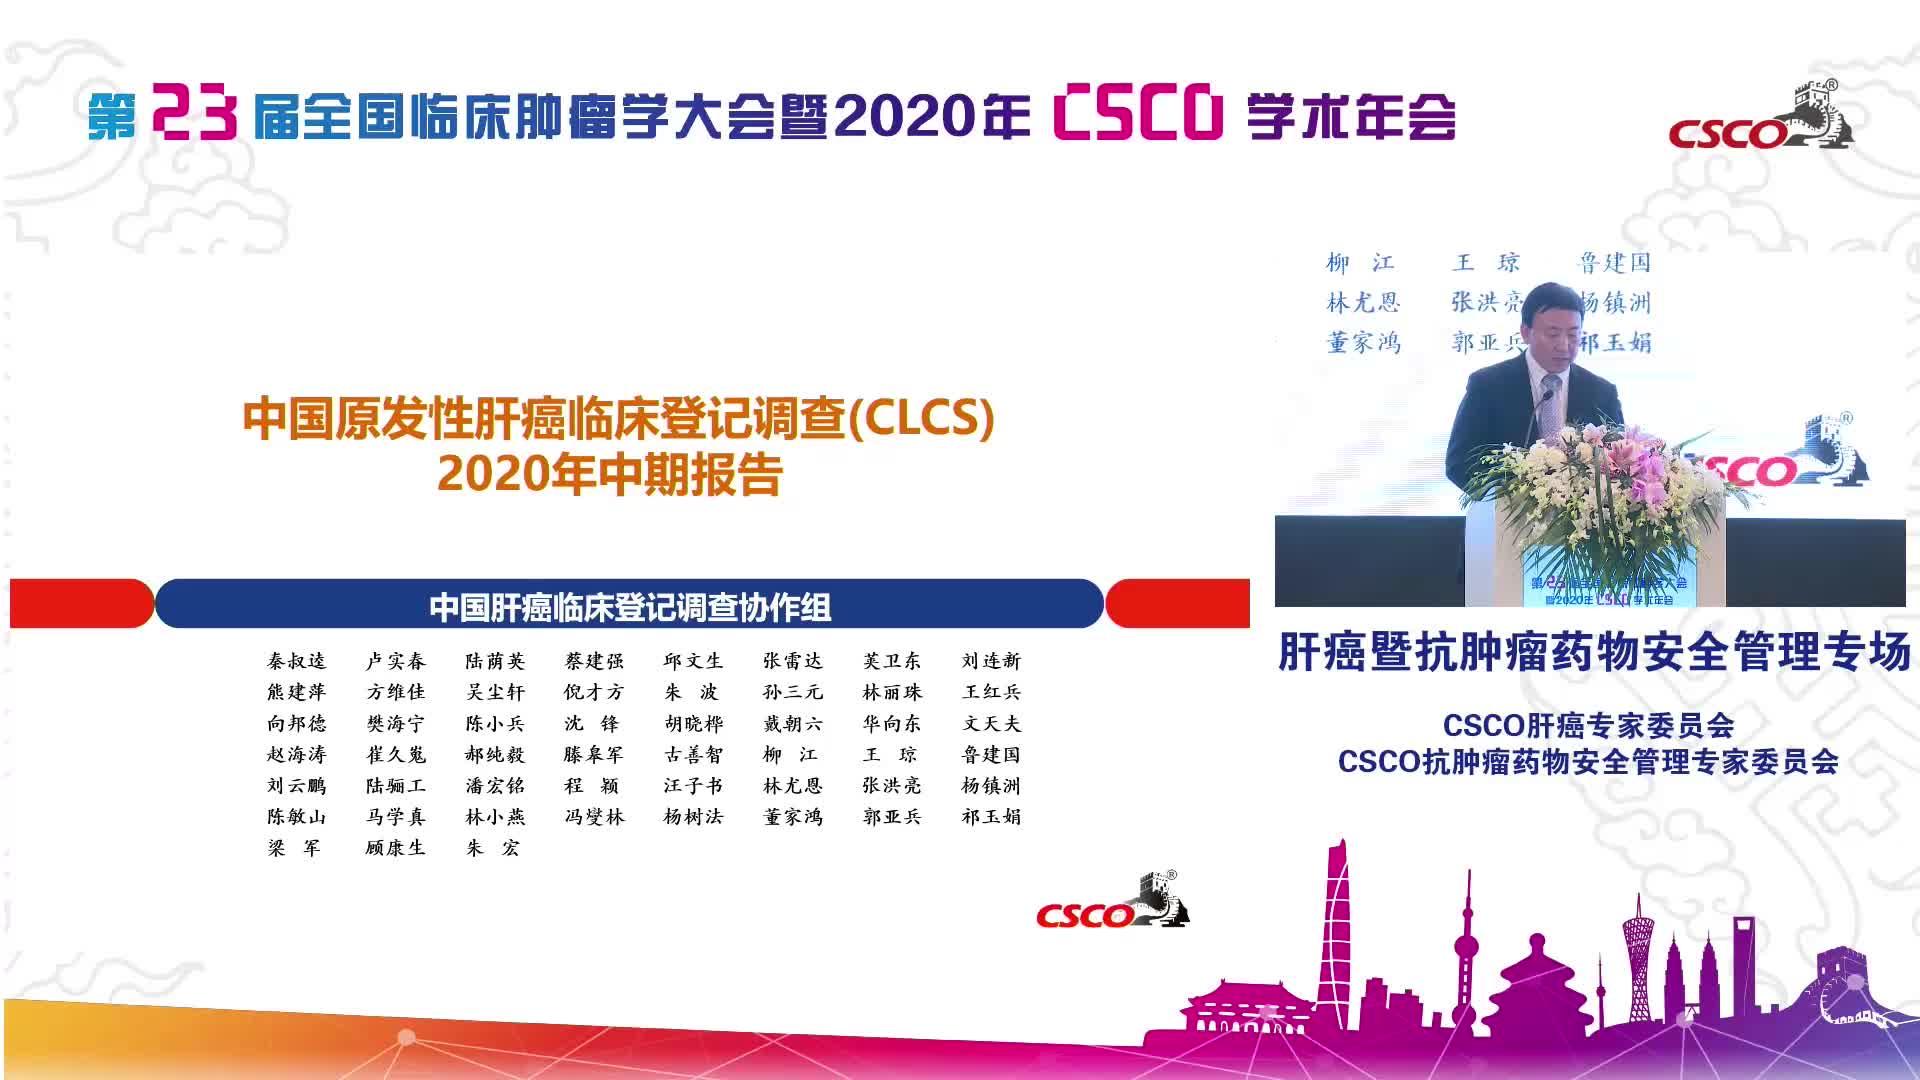 中国原发性肝癌临床登记调查(CLCS)2020年中期报告——中国肝癌临床登记调查协作组